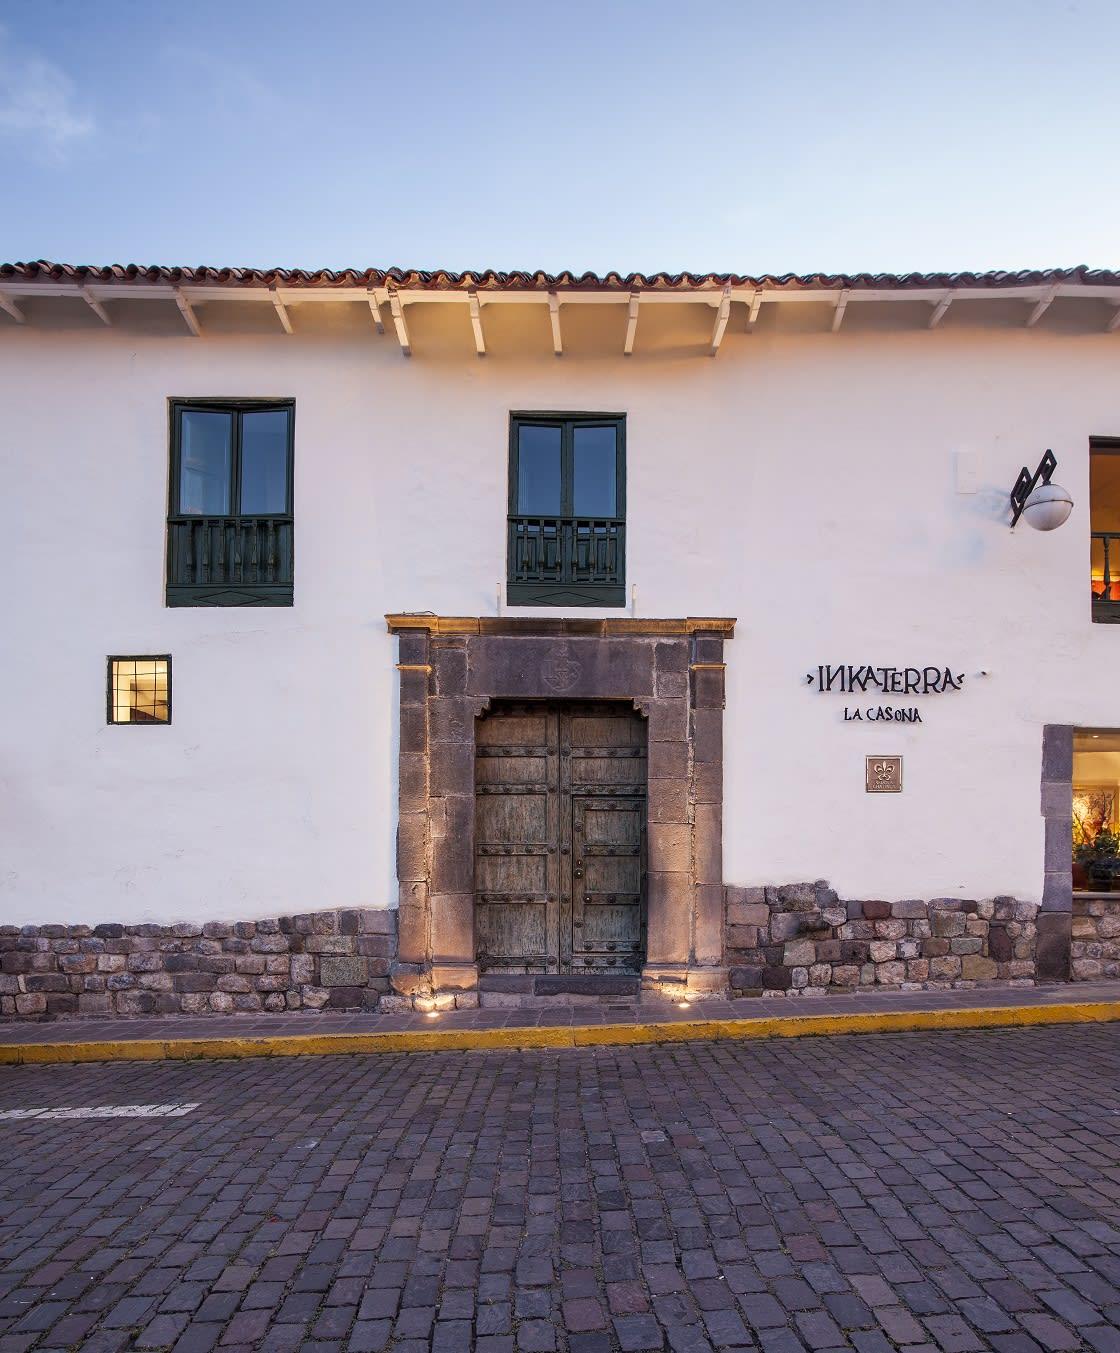 La Casona Hotel in Cusco Peru